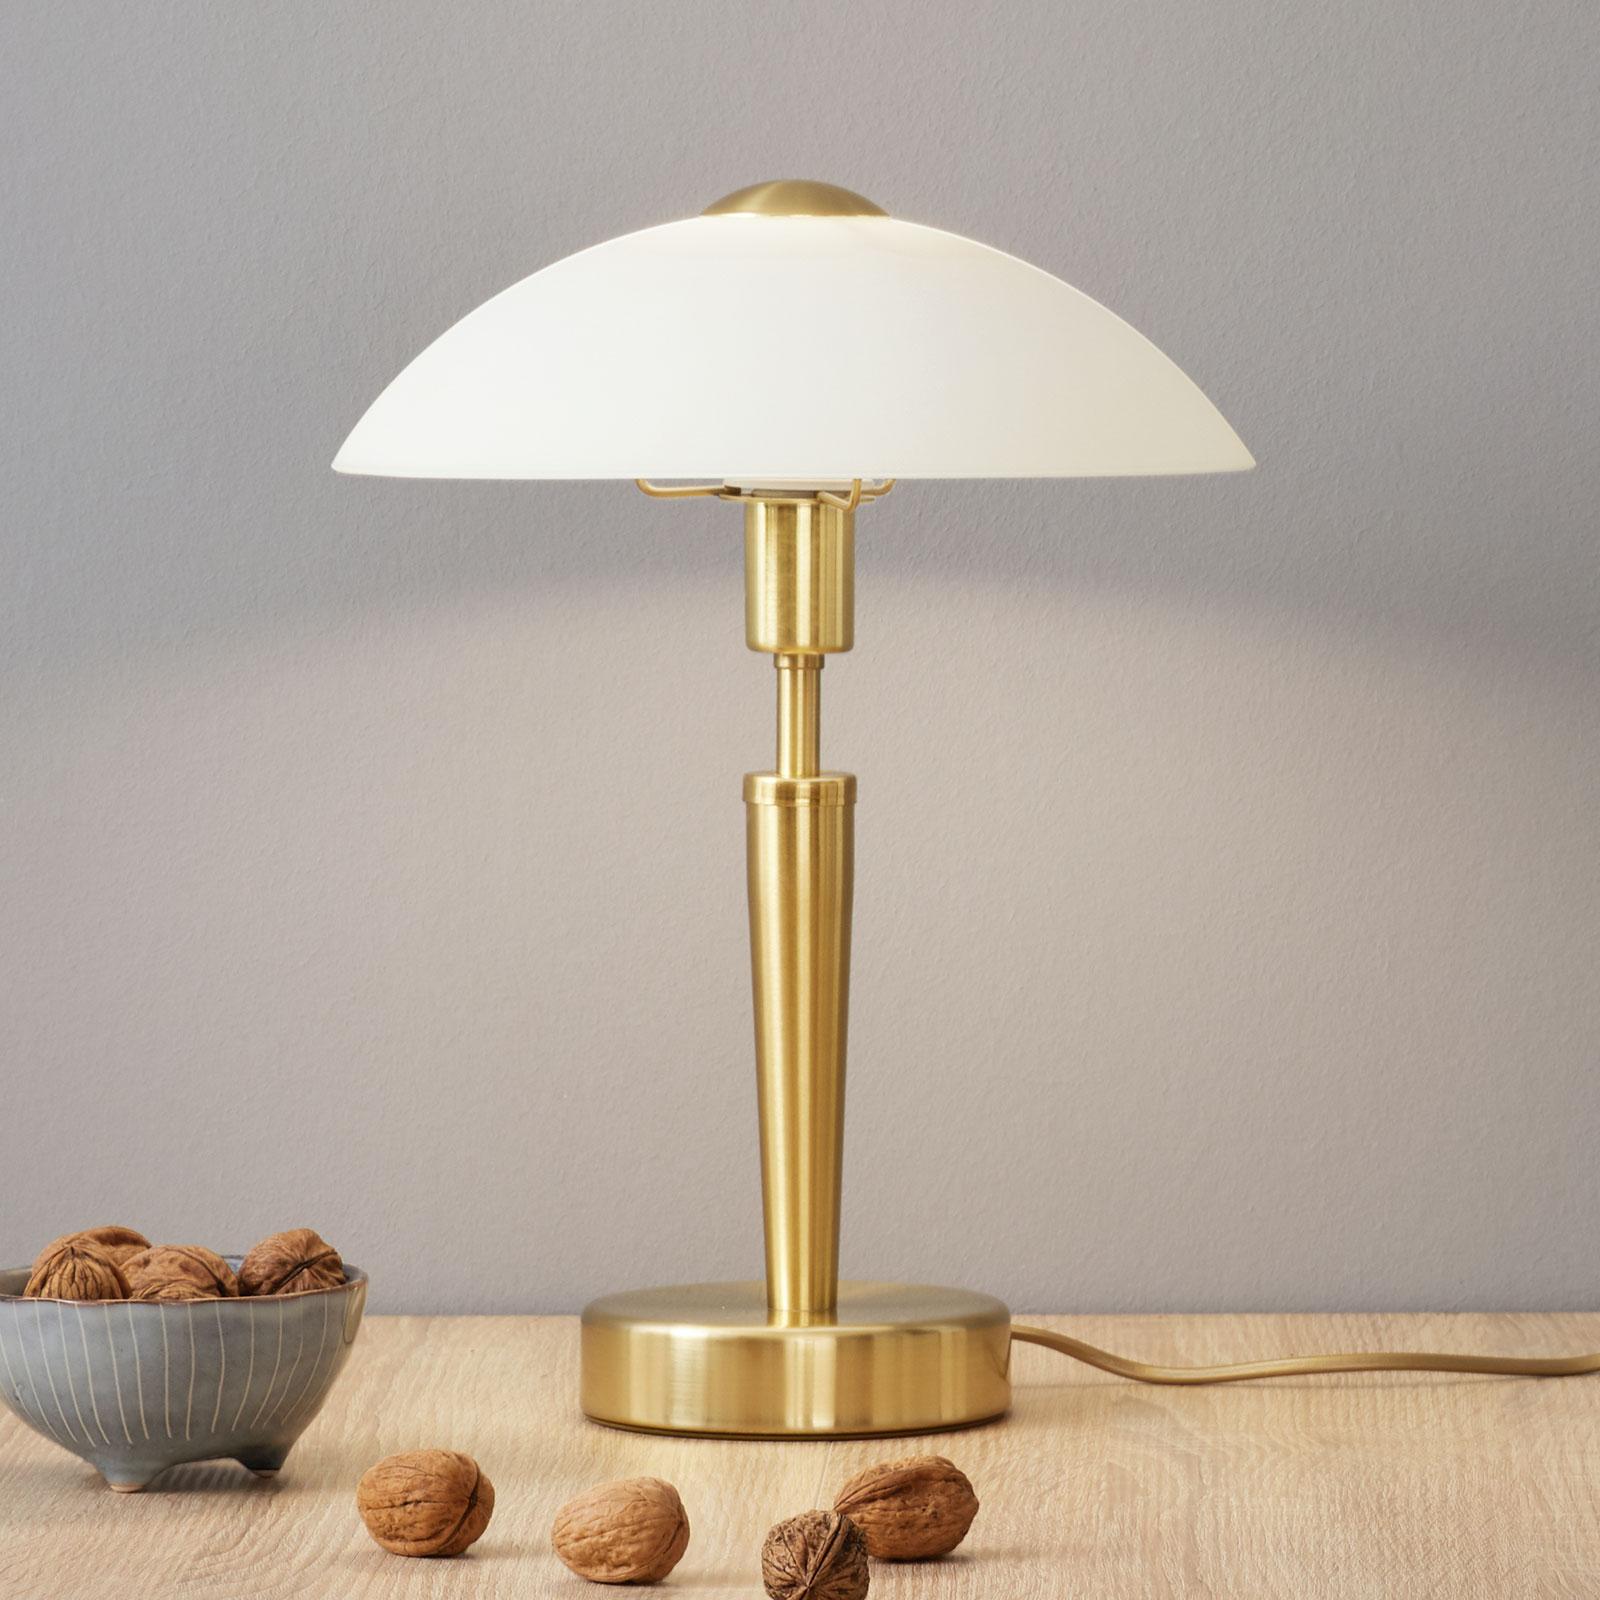 Lampa stołowa Salut mosiądz biała